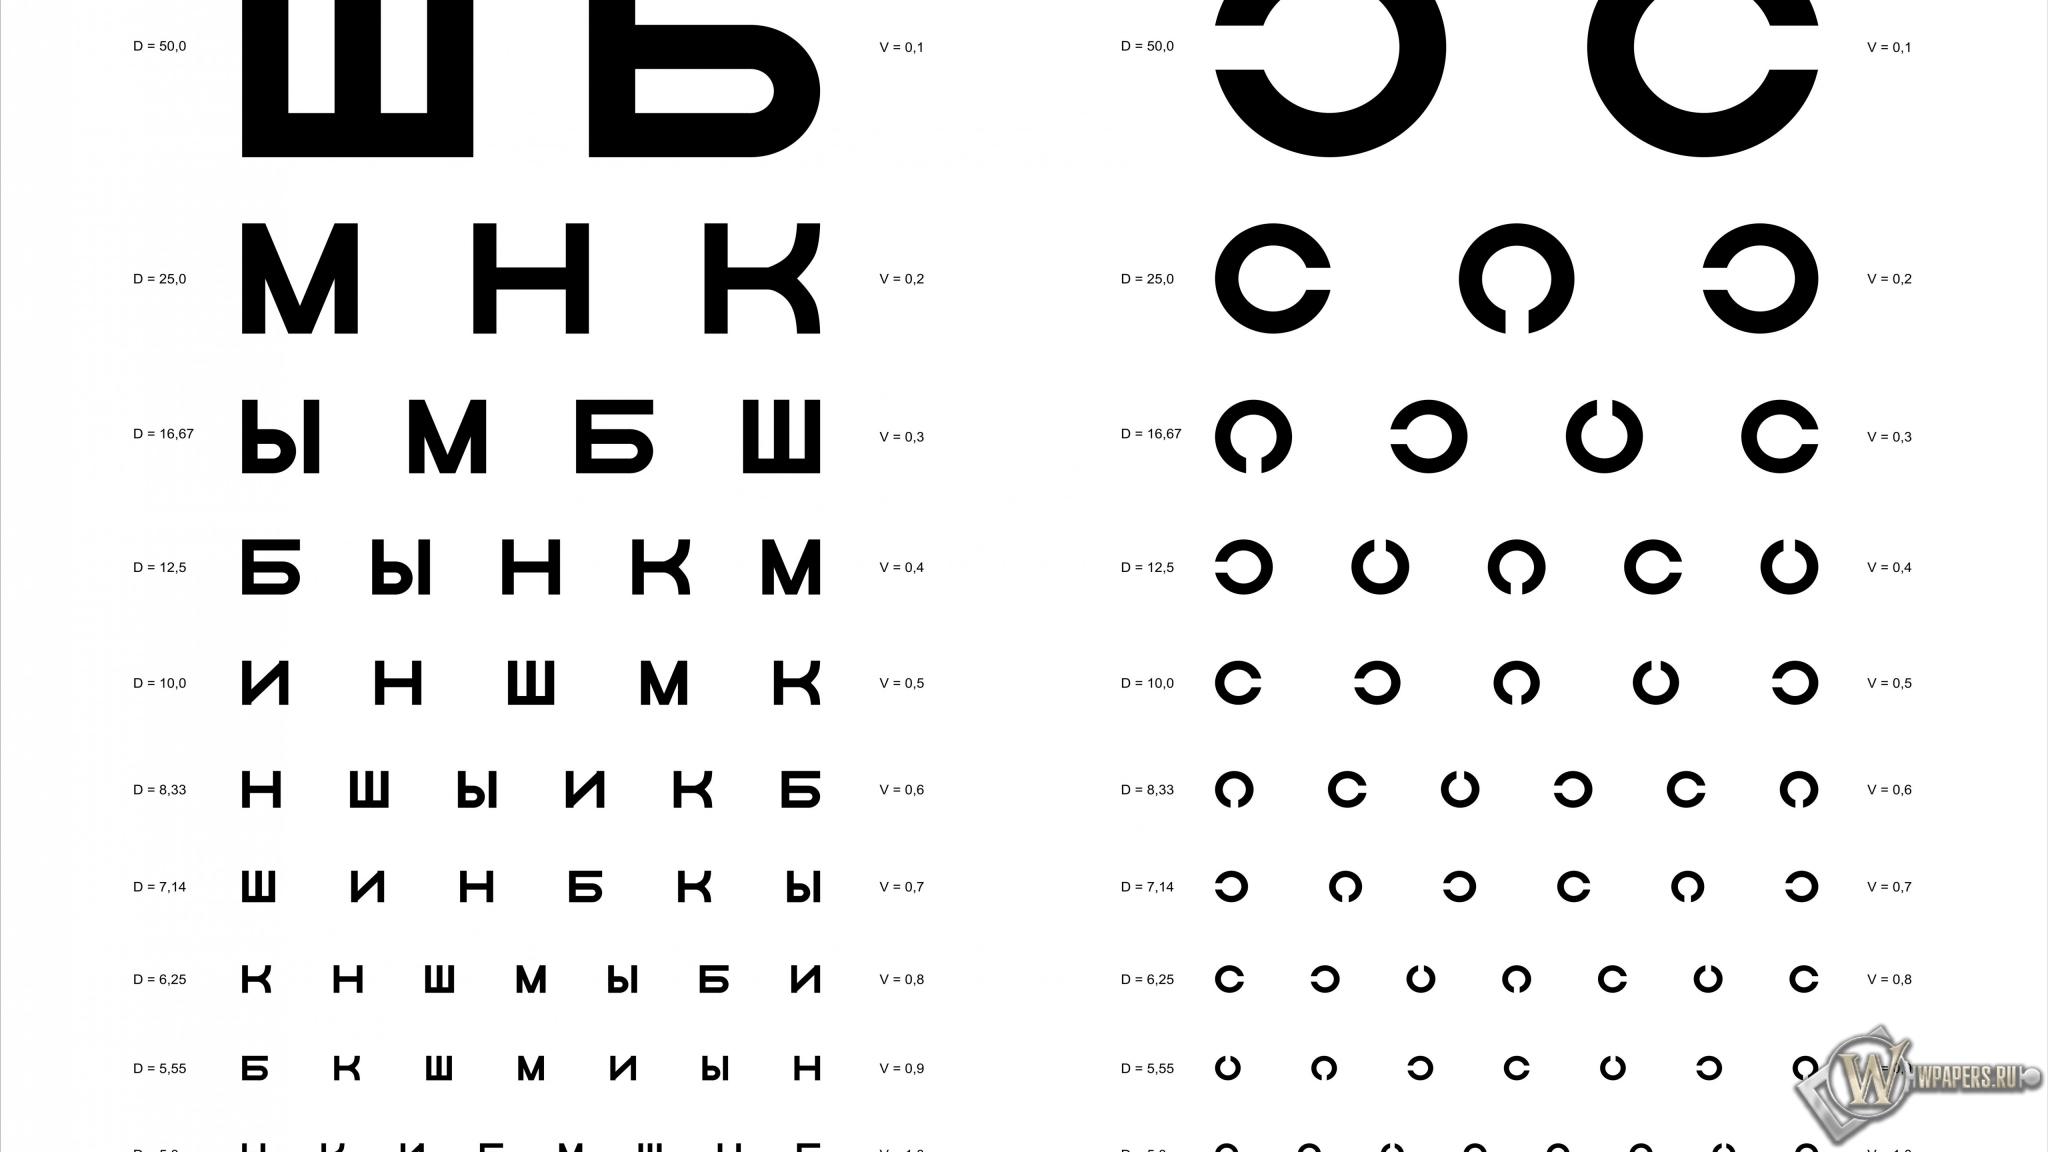 Таблица Д.А. Сивцева для проверки зрения 2048x1152